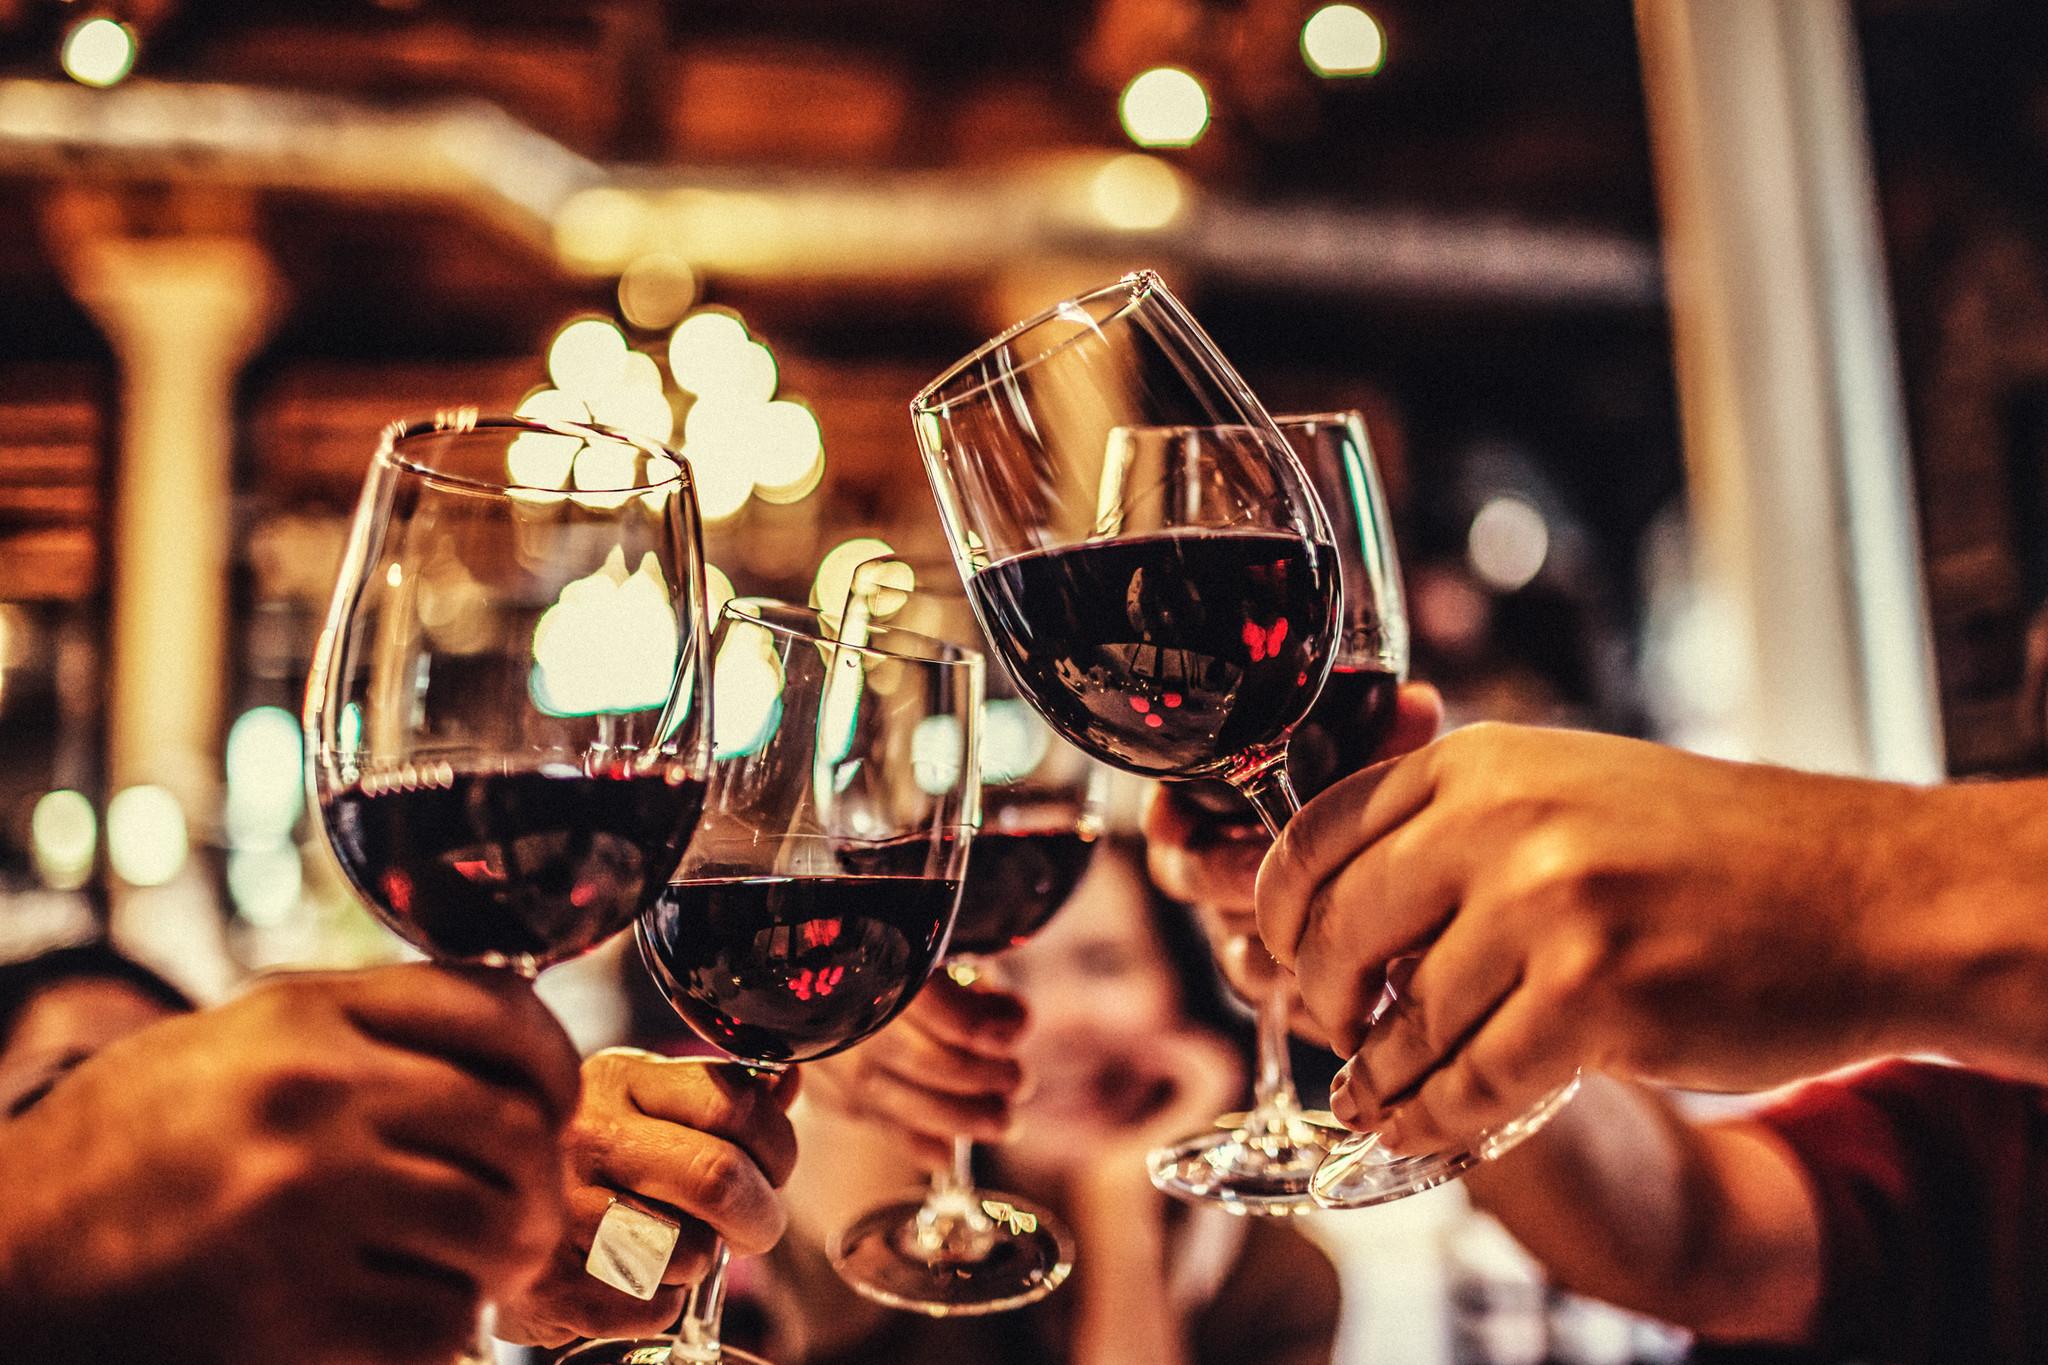 cheers brinde copos vinho wine friends toast.jpg